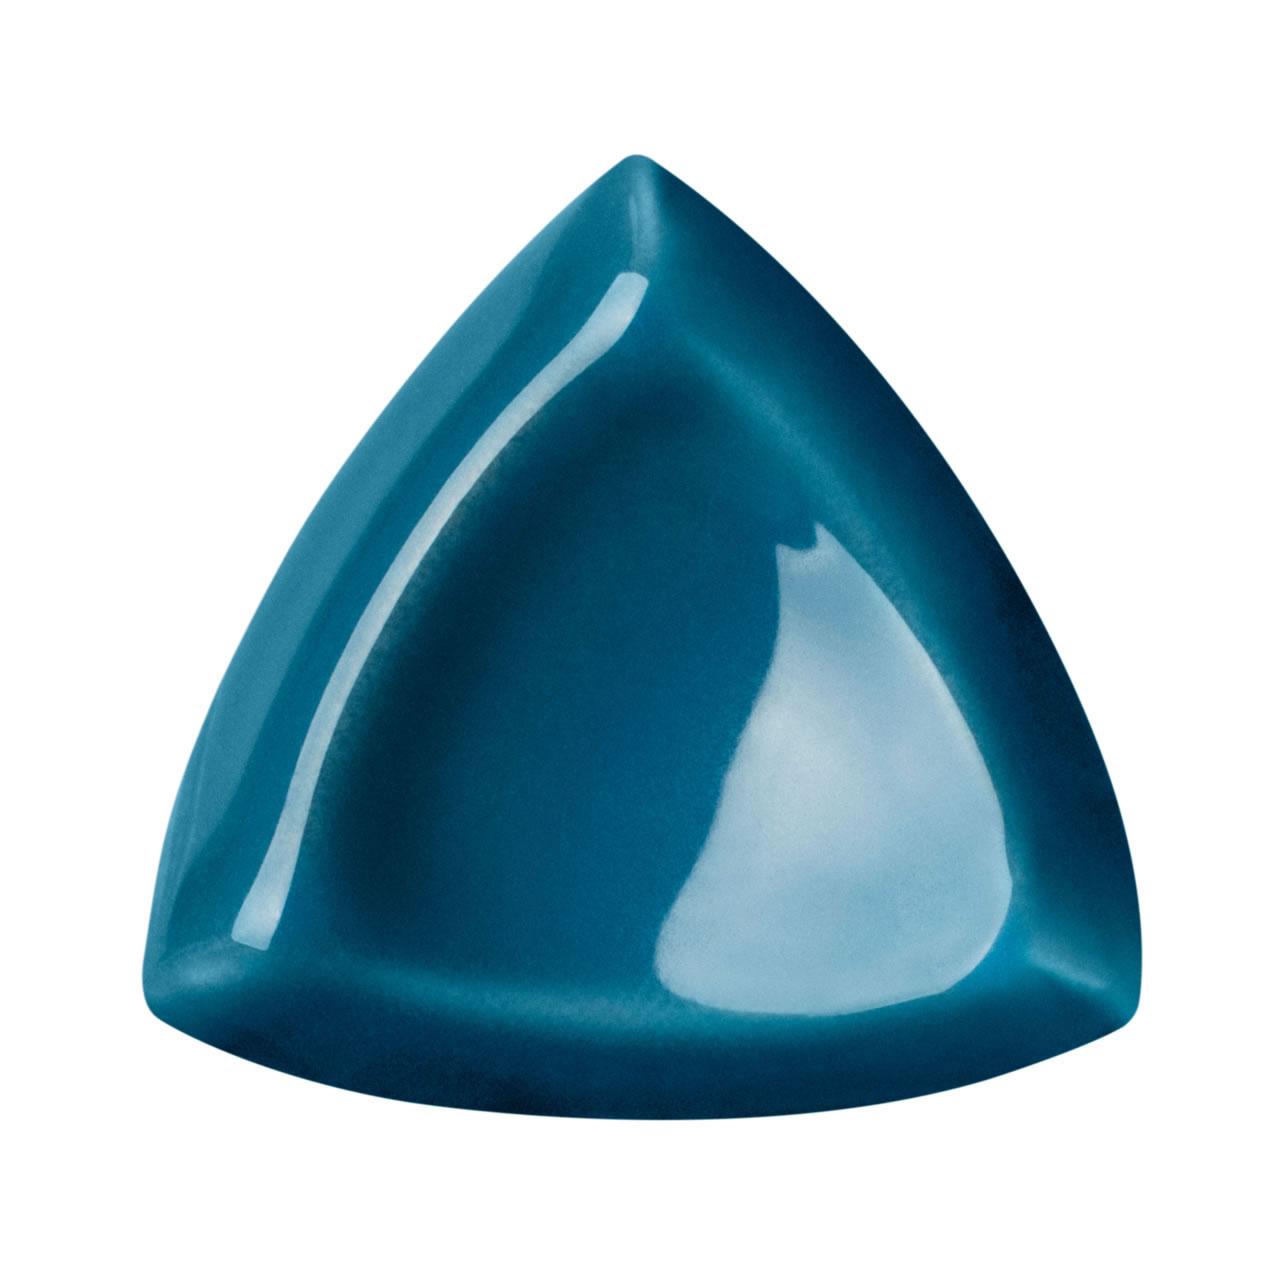 castanha interna azul petróleo 2,5×2,5